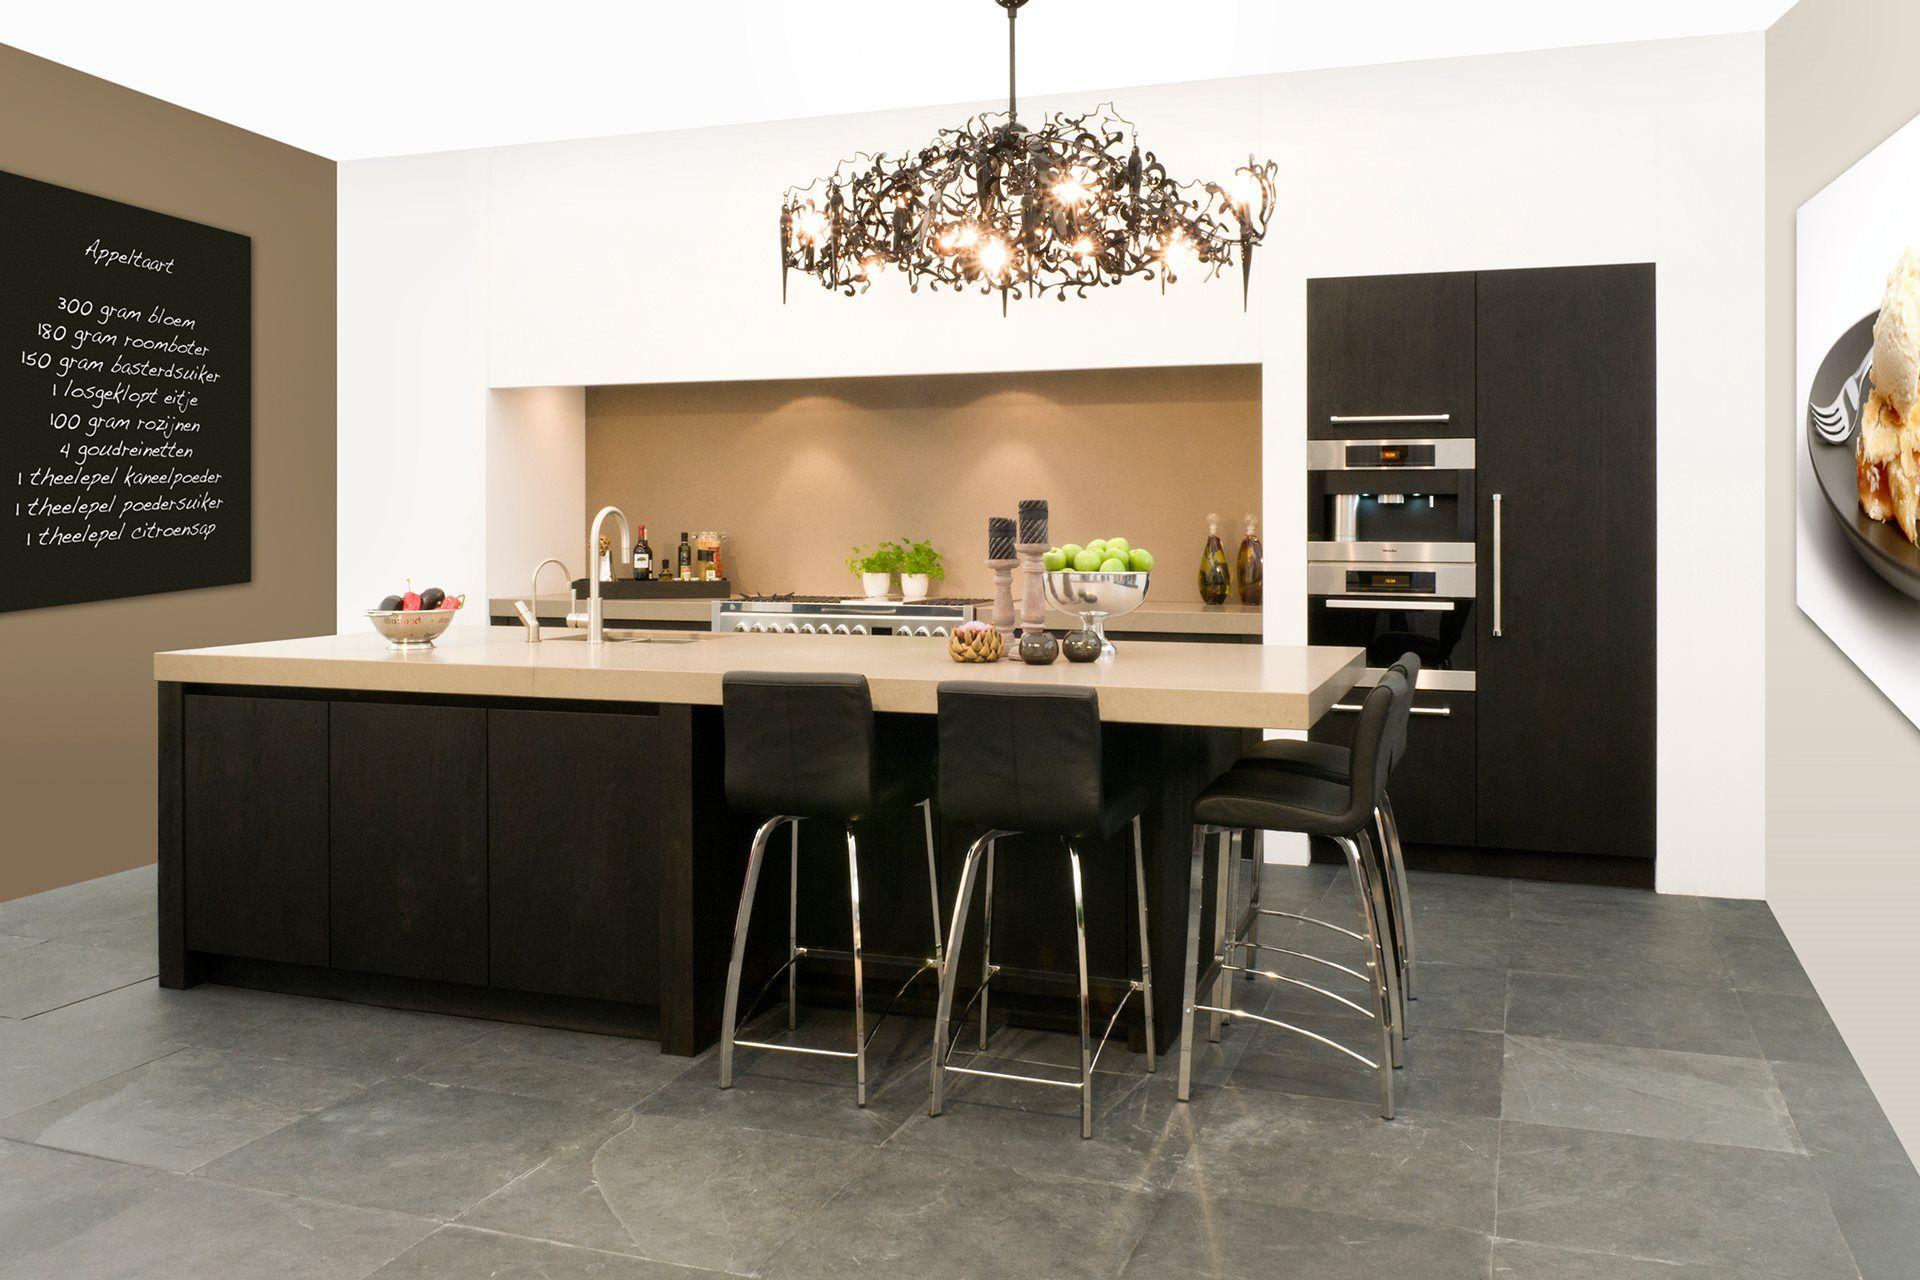 Landelijk Bar Keuken : Landelijk moderne keukens van galen keuken bad keukens op